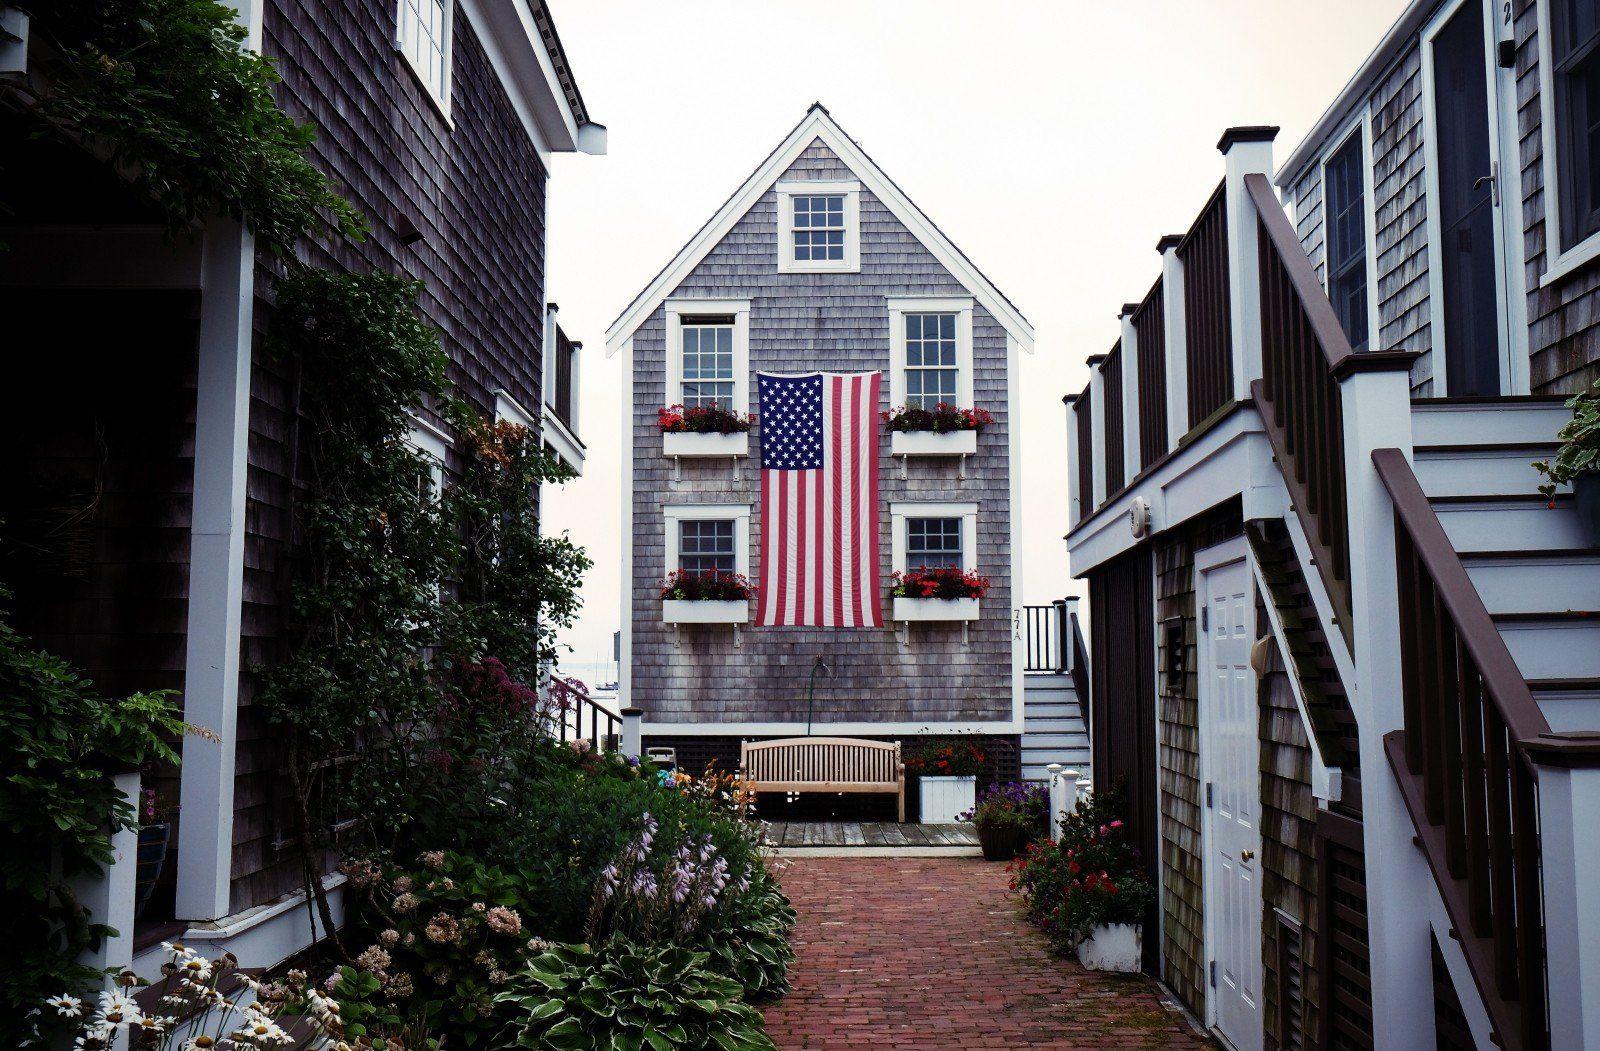 casa com bandeira dos EUA